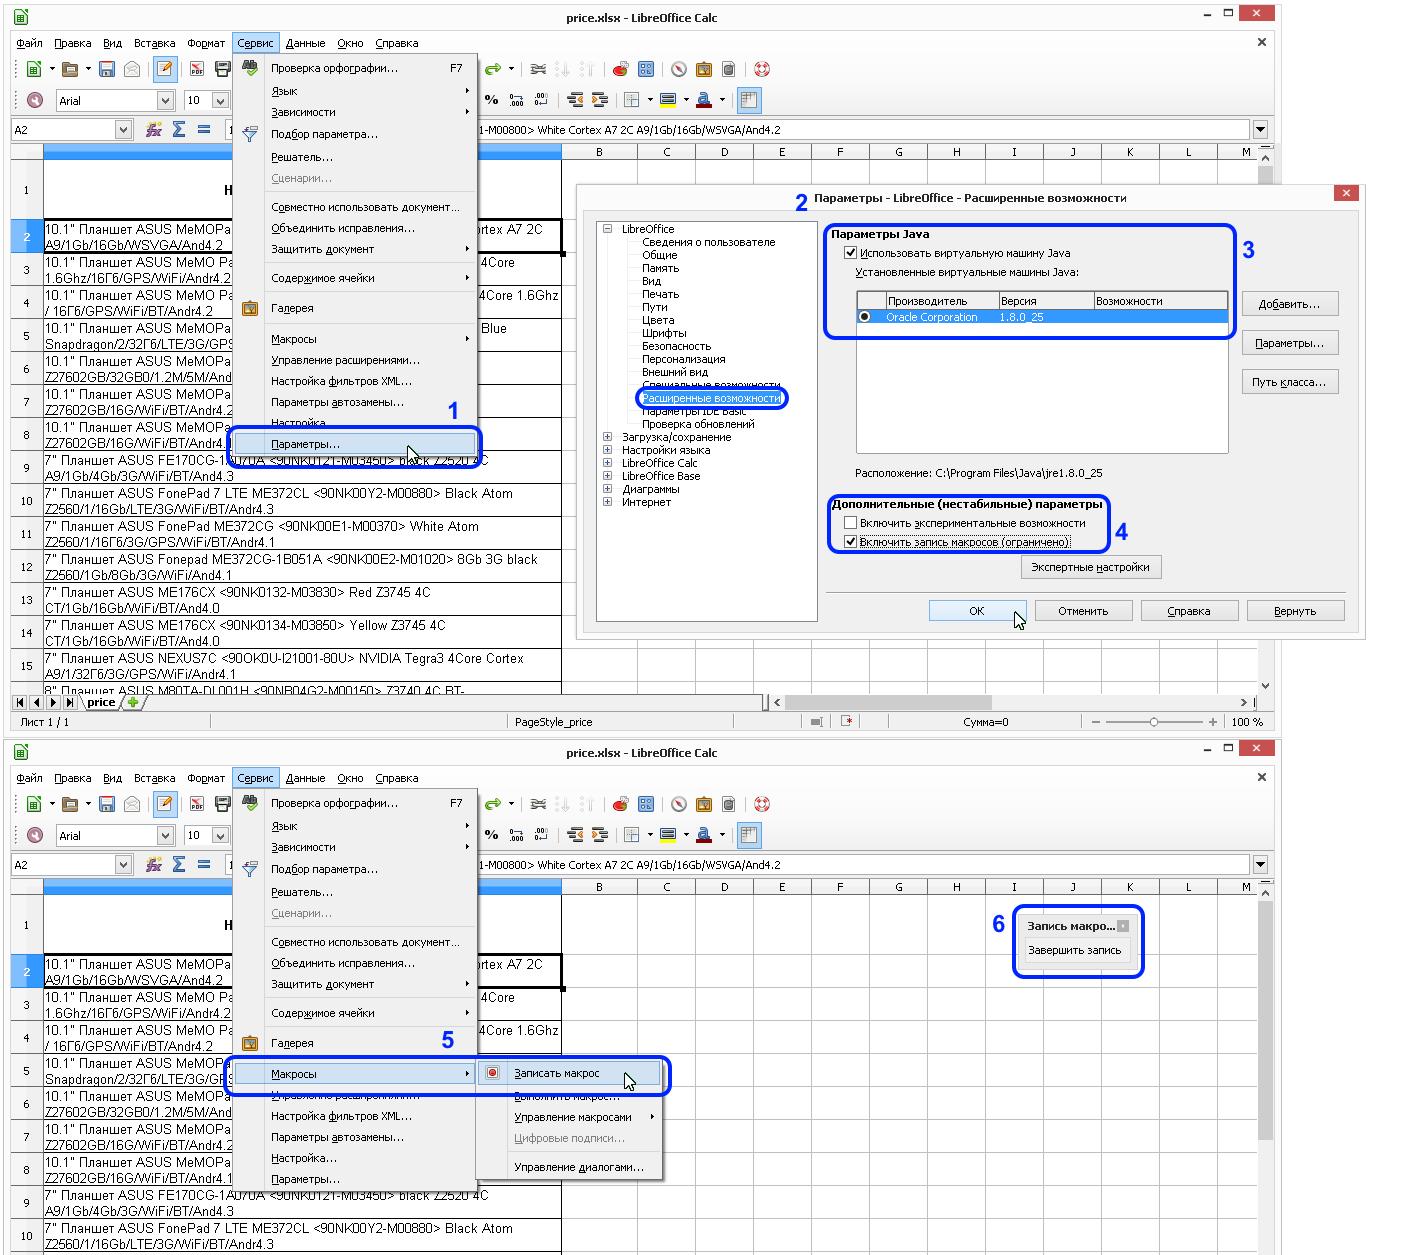 Calc: Сервис - Параметры - Параметры - LibreOffice - Расширенные возможности - Дополнительные (нестабильные) параметры - Включить запись макросов